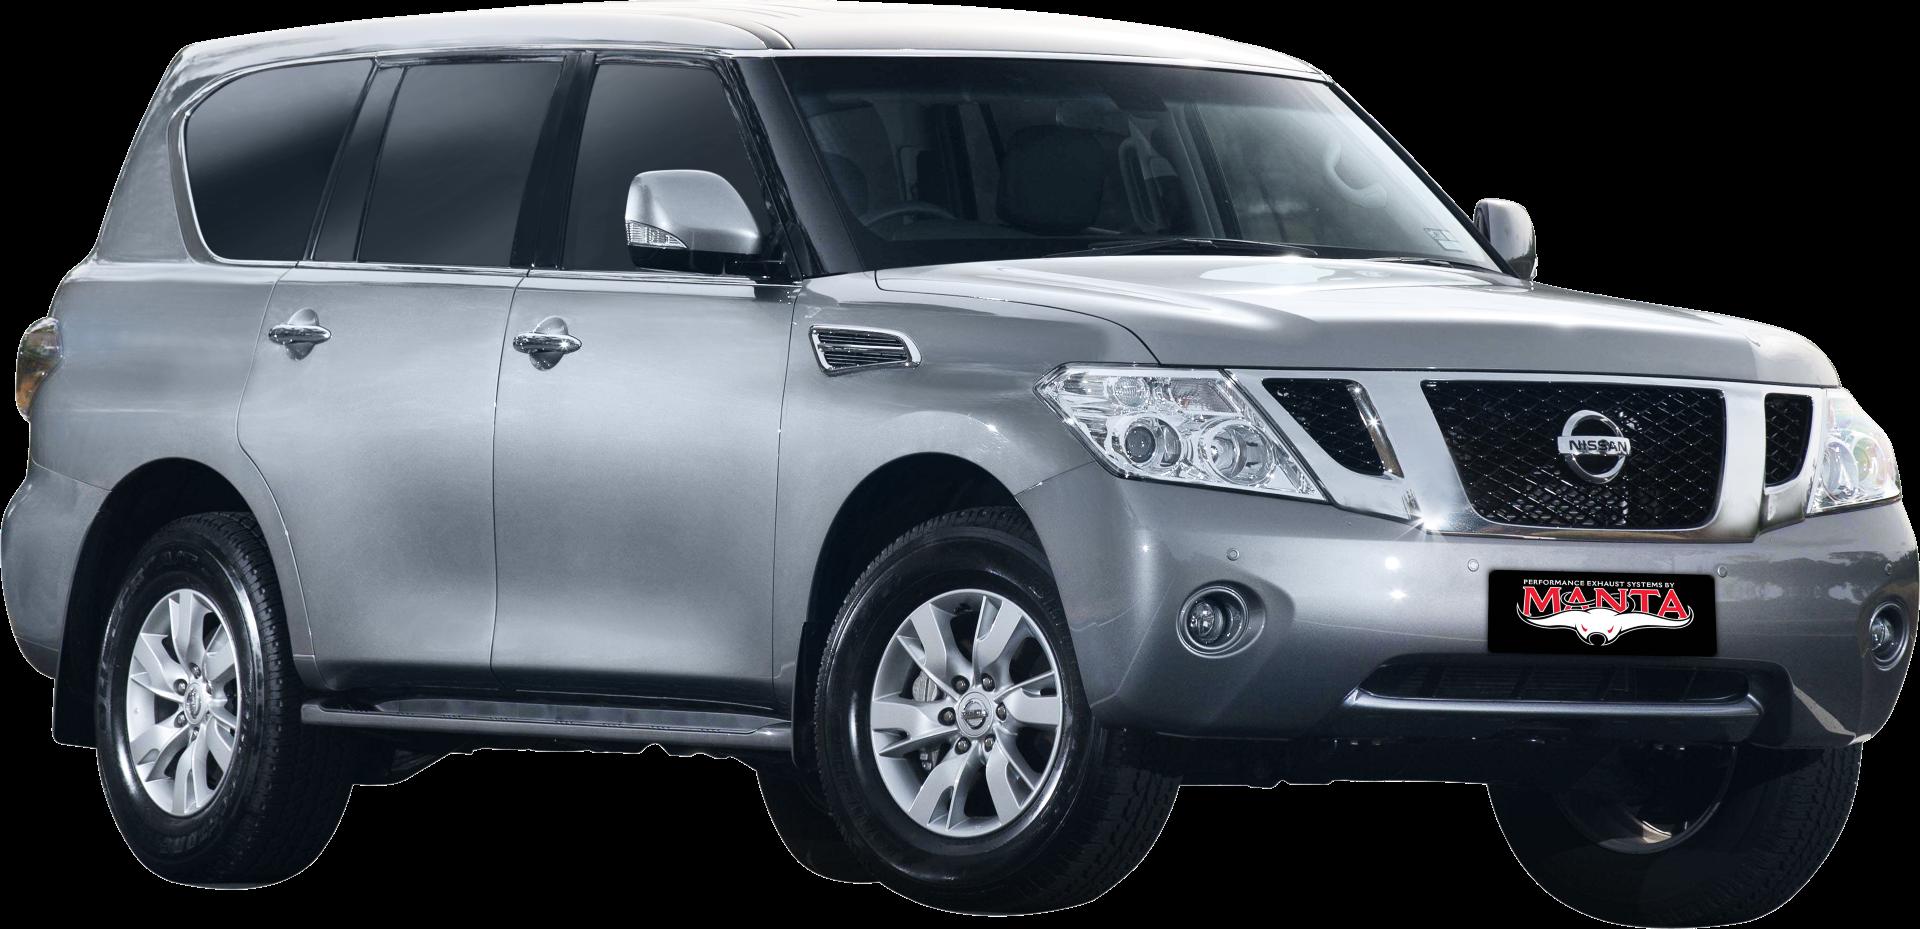 Nissan Patrol Y62 5.6L V8 Petrol Wagon.